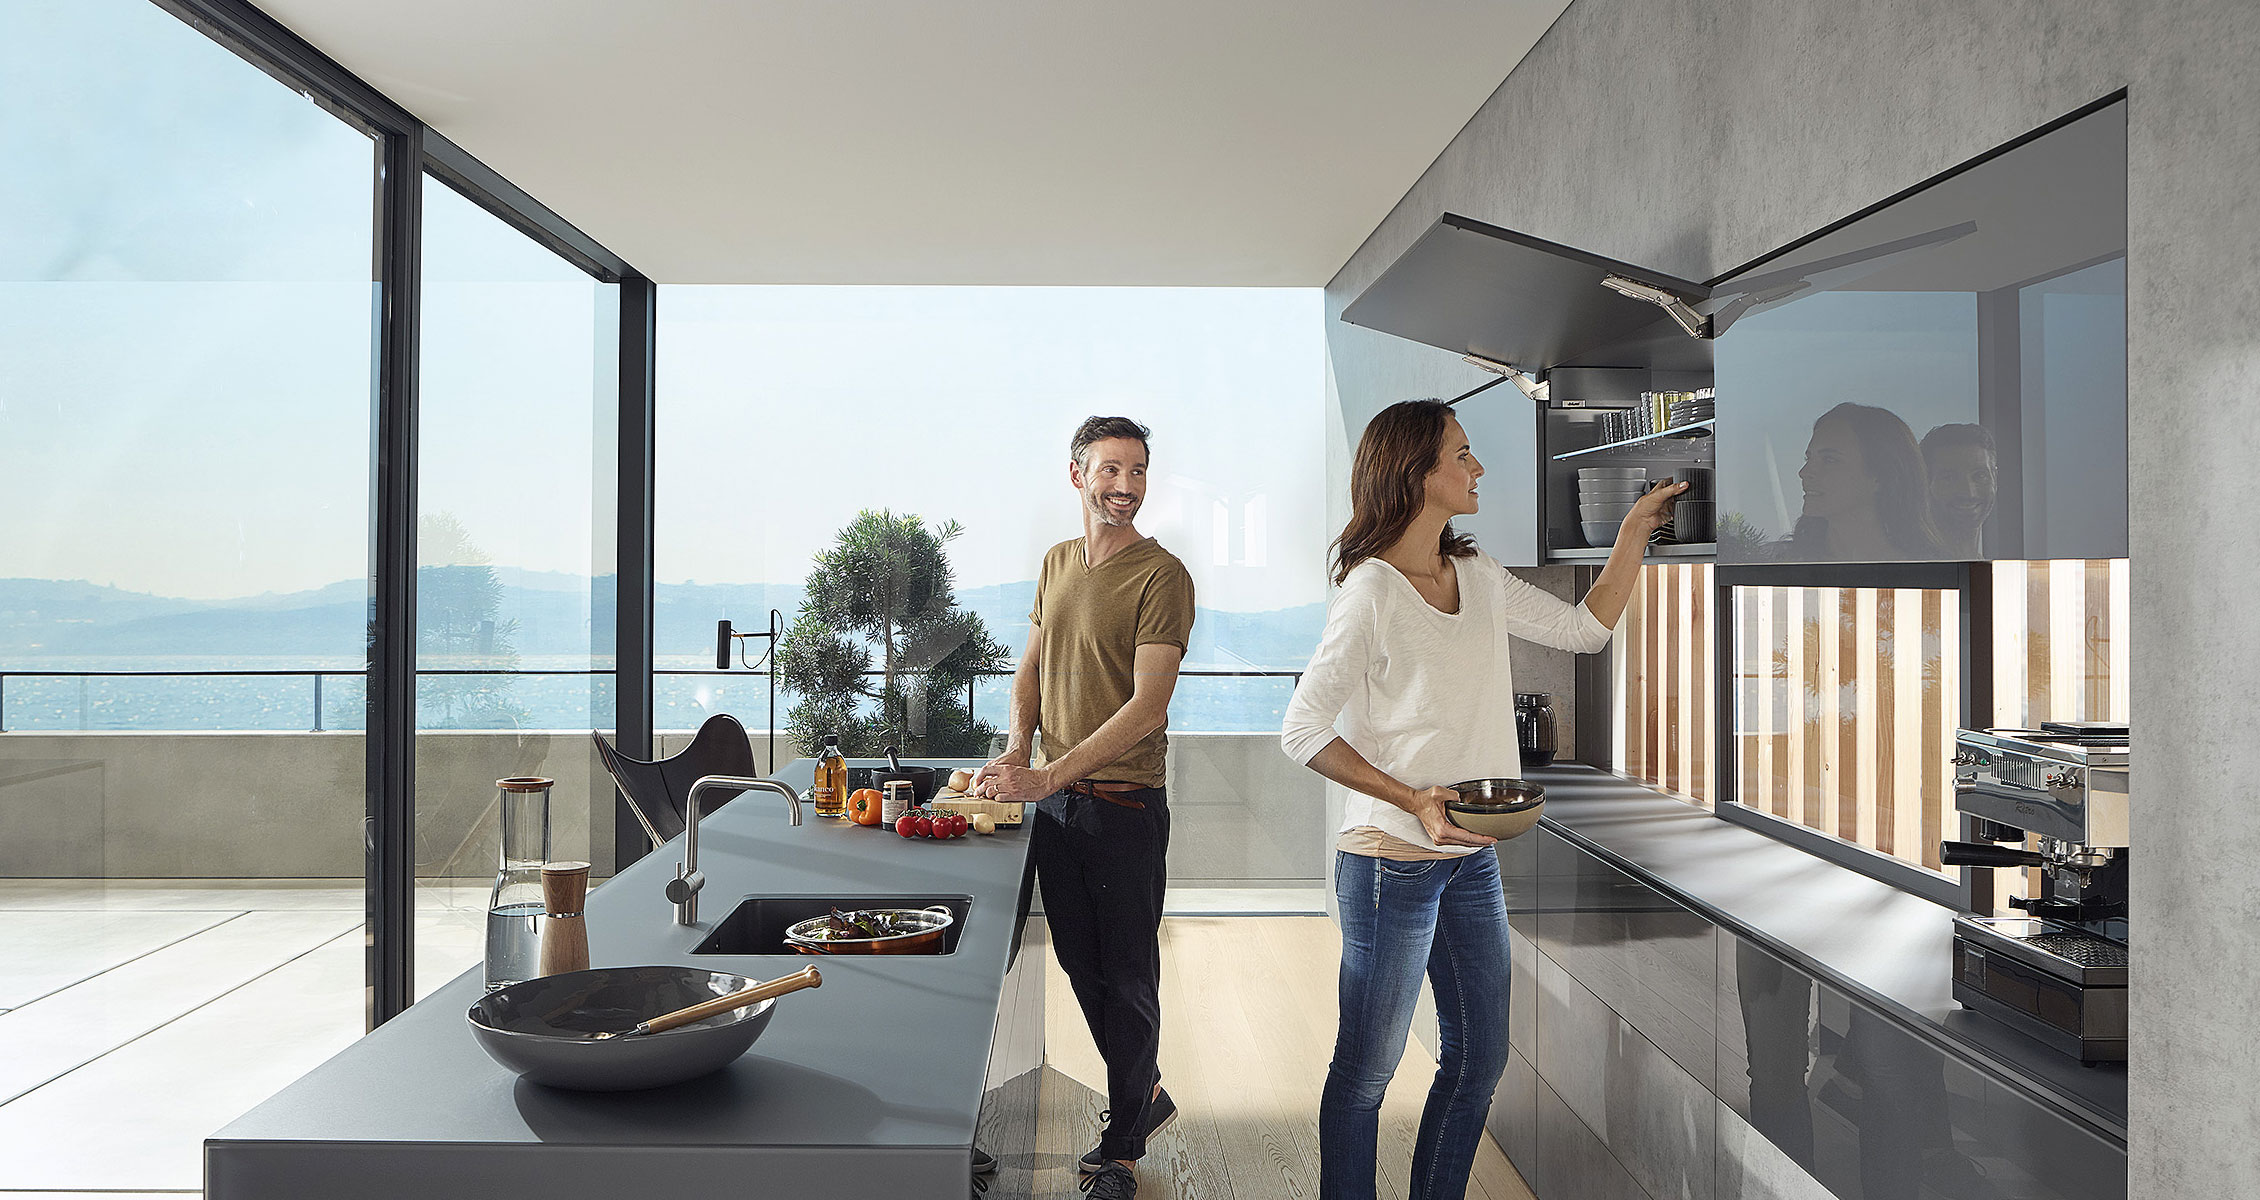 Дизайн-идеи и практические советы для новой кухни с фурнитурой Блюм